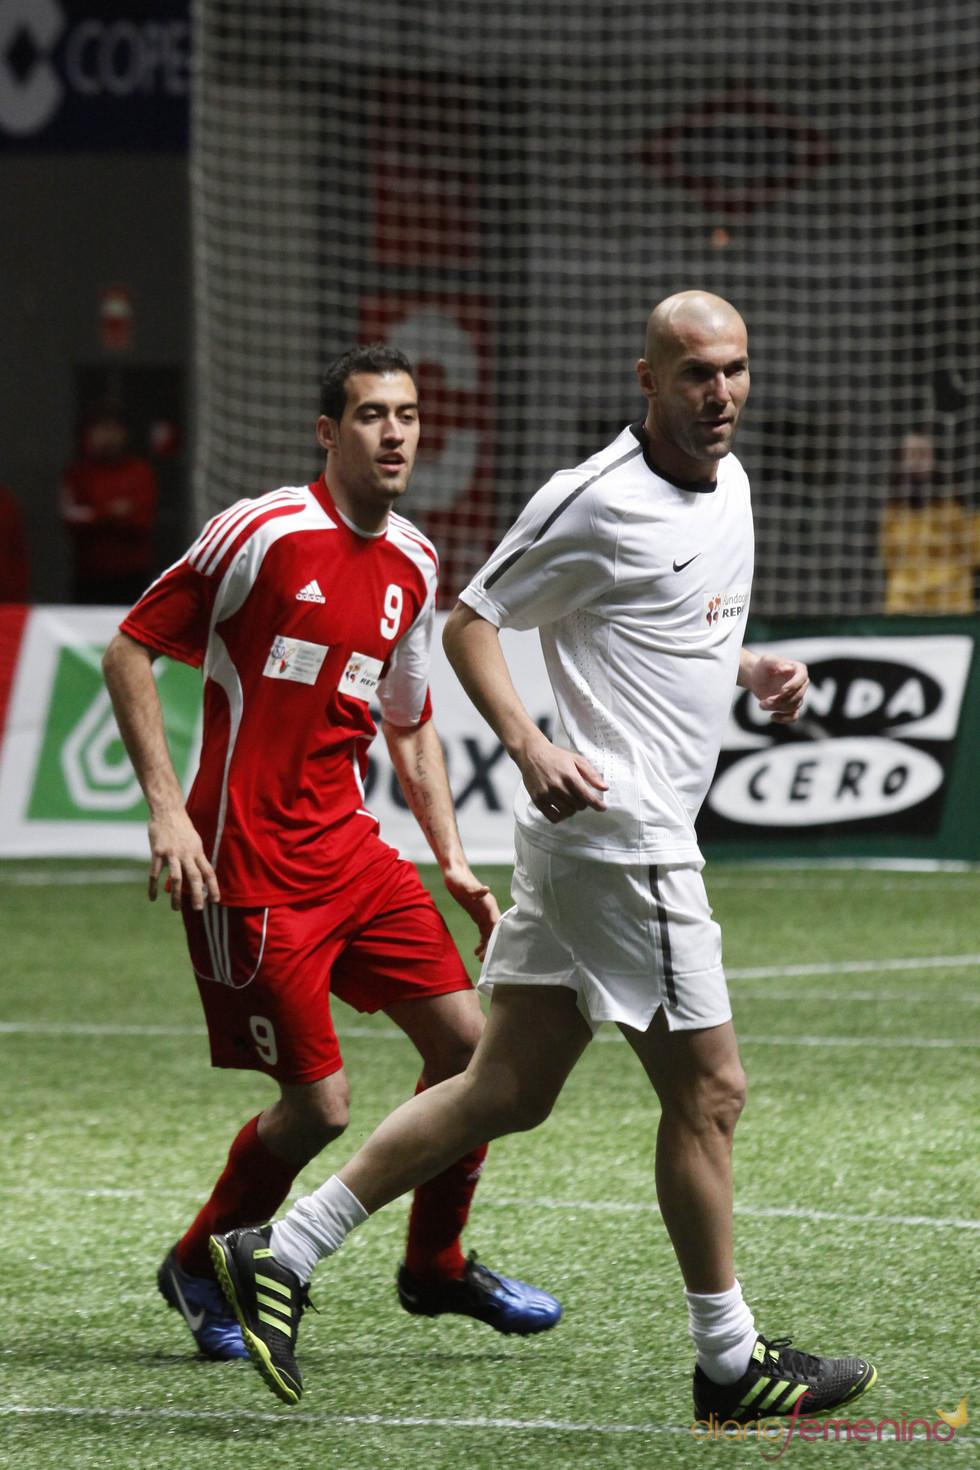 Zinedine Zidane y Sergio Busquets en el partido benéfico de fútbol